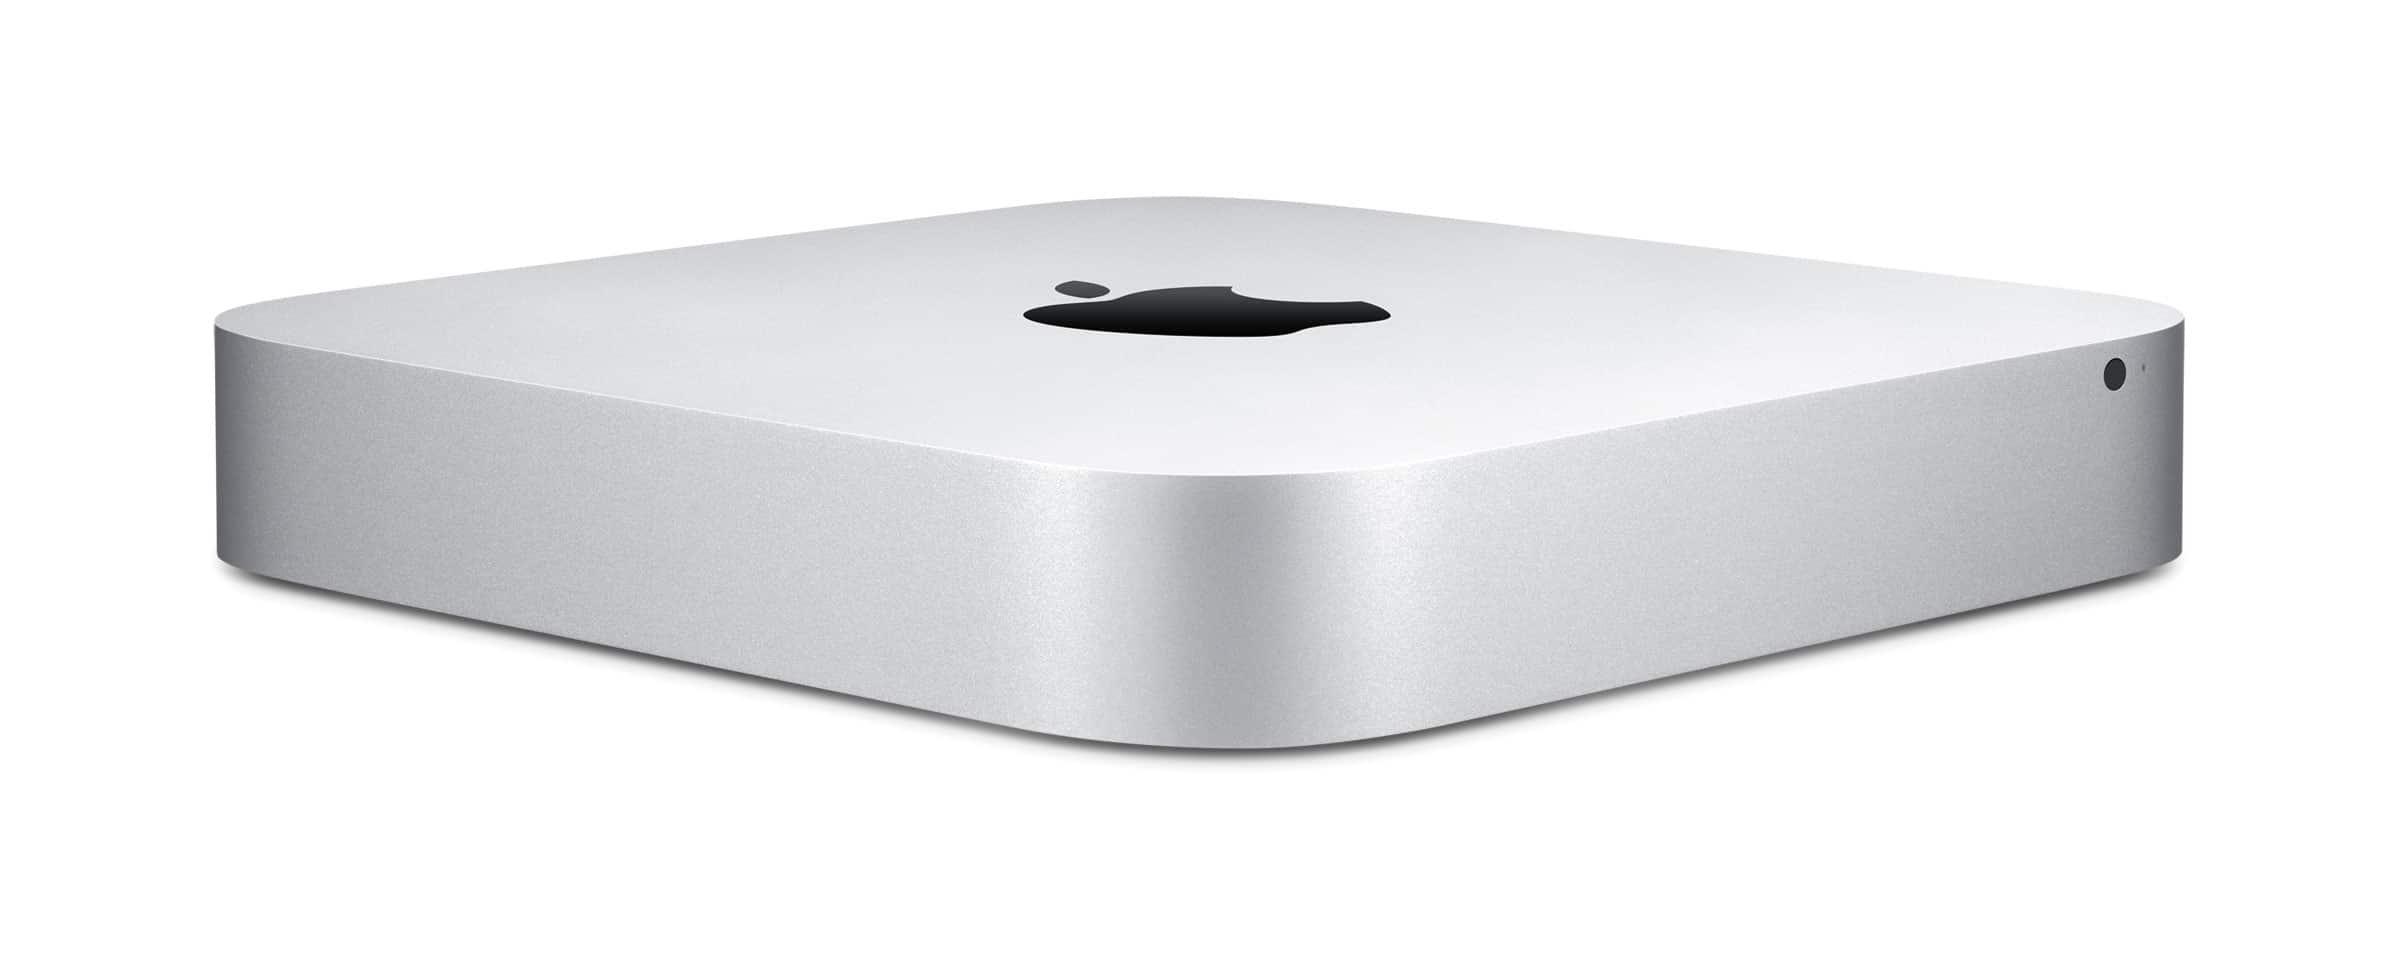 ram aufr stung beim neuen mac mini ist nicht mehr m glich. Black Bedroom Furniture Sets. Home Design Ideas